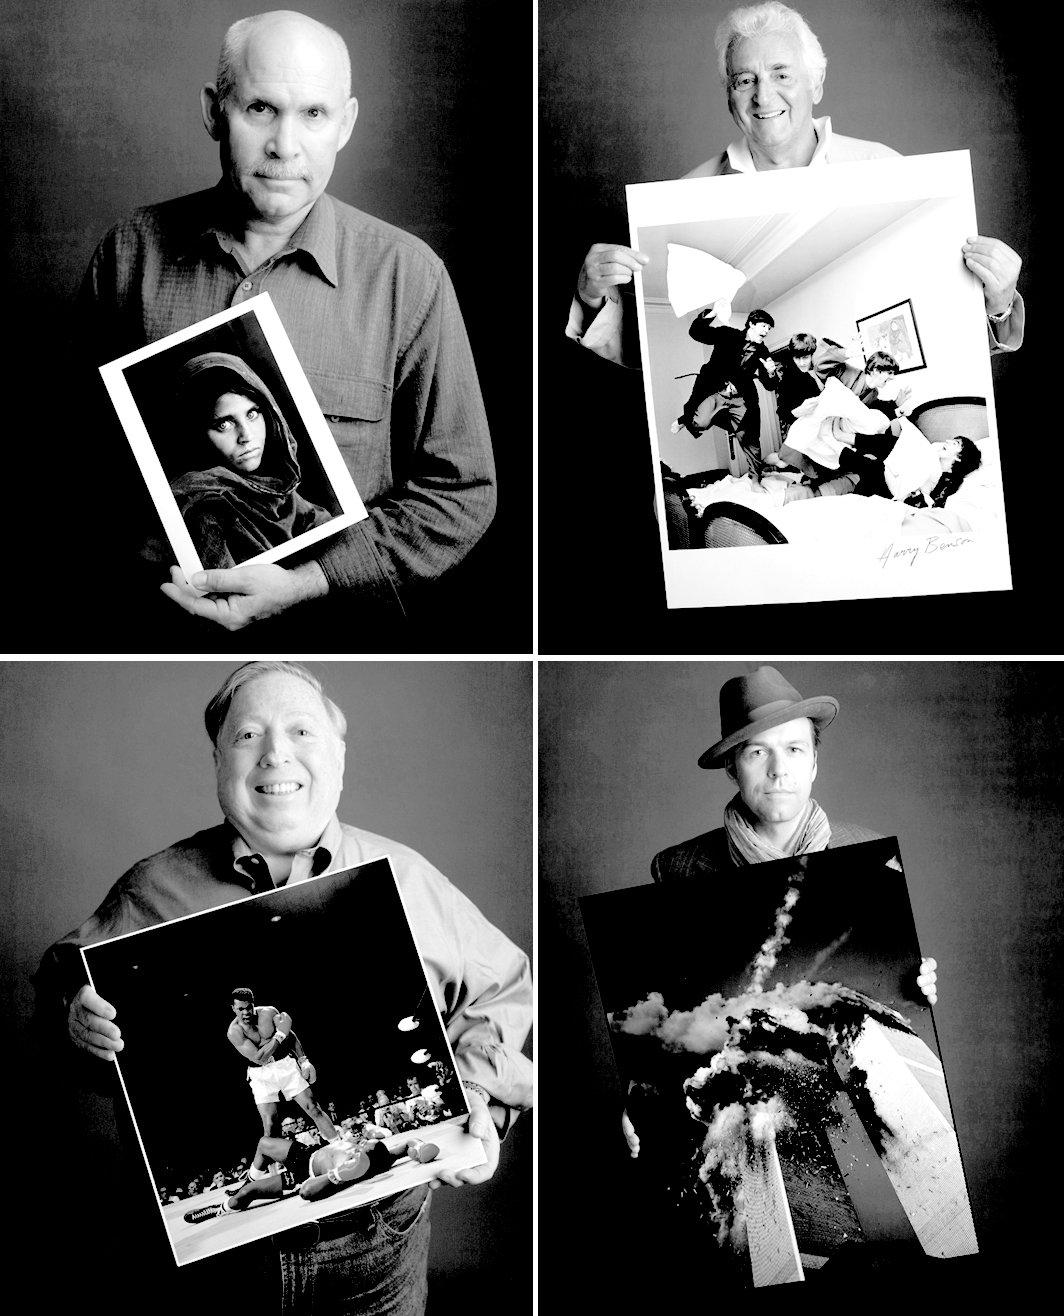 LES CLICHÉS CÉLÈBRES POSENT AVEC LEUR PHOTOGRAPHE dans ART fefezf